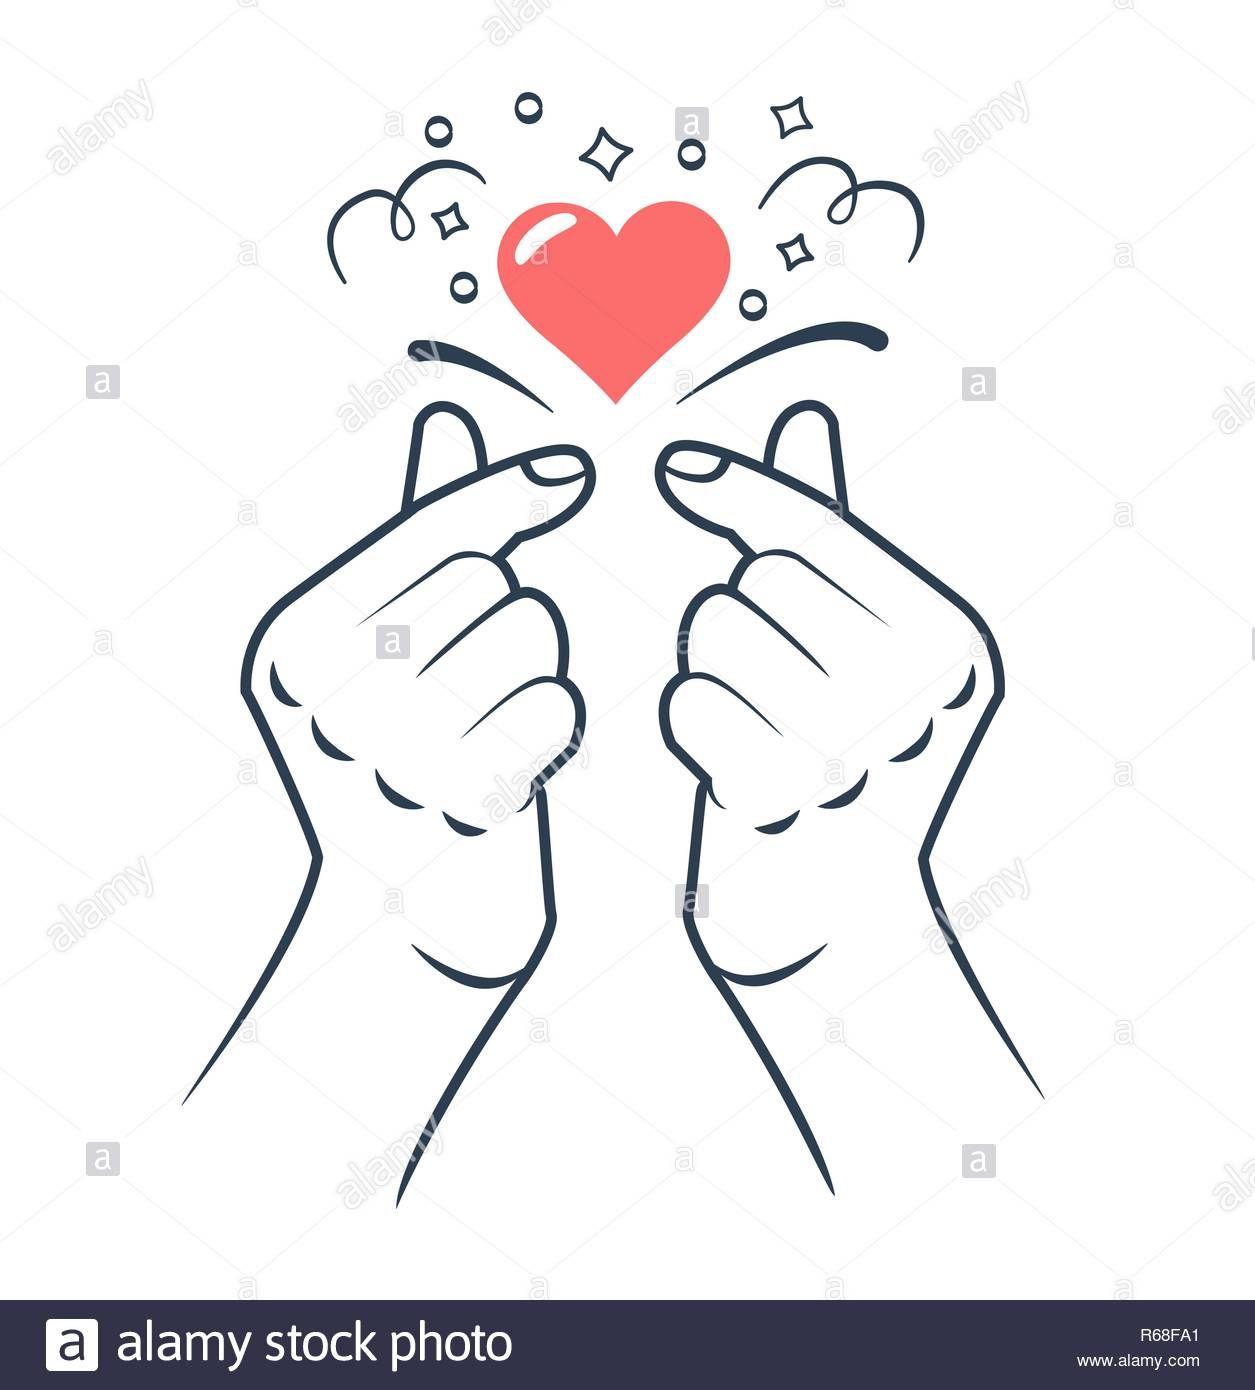 Descargar Este Vector Mano Haciendo Signo Del Corazon Coreano Signo De Amor Simbolo Del Corazon Y El Am Signos De Amor Iconos De Amor Corazones Para Dibujar